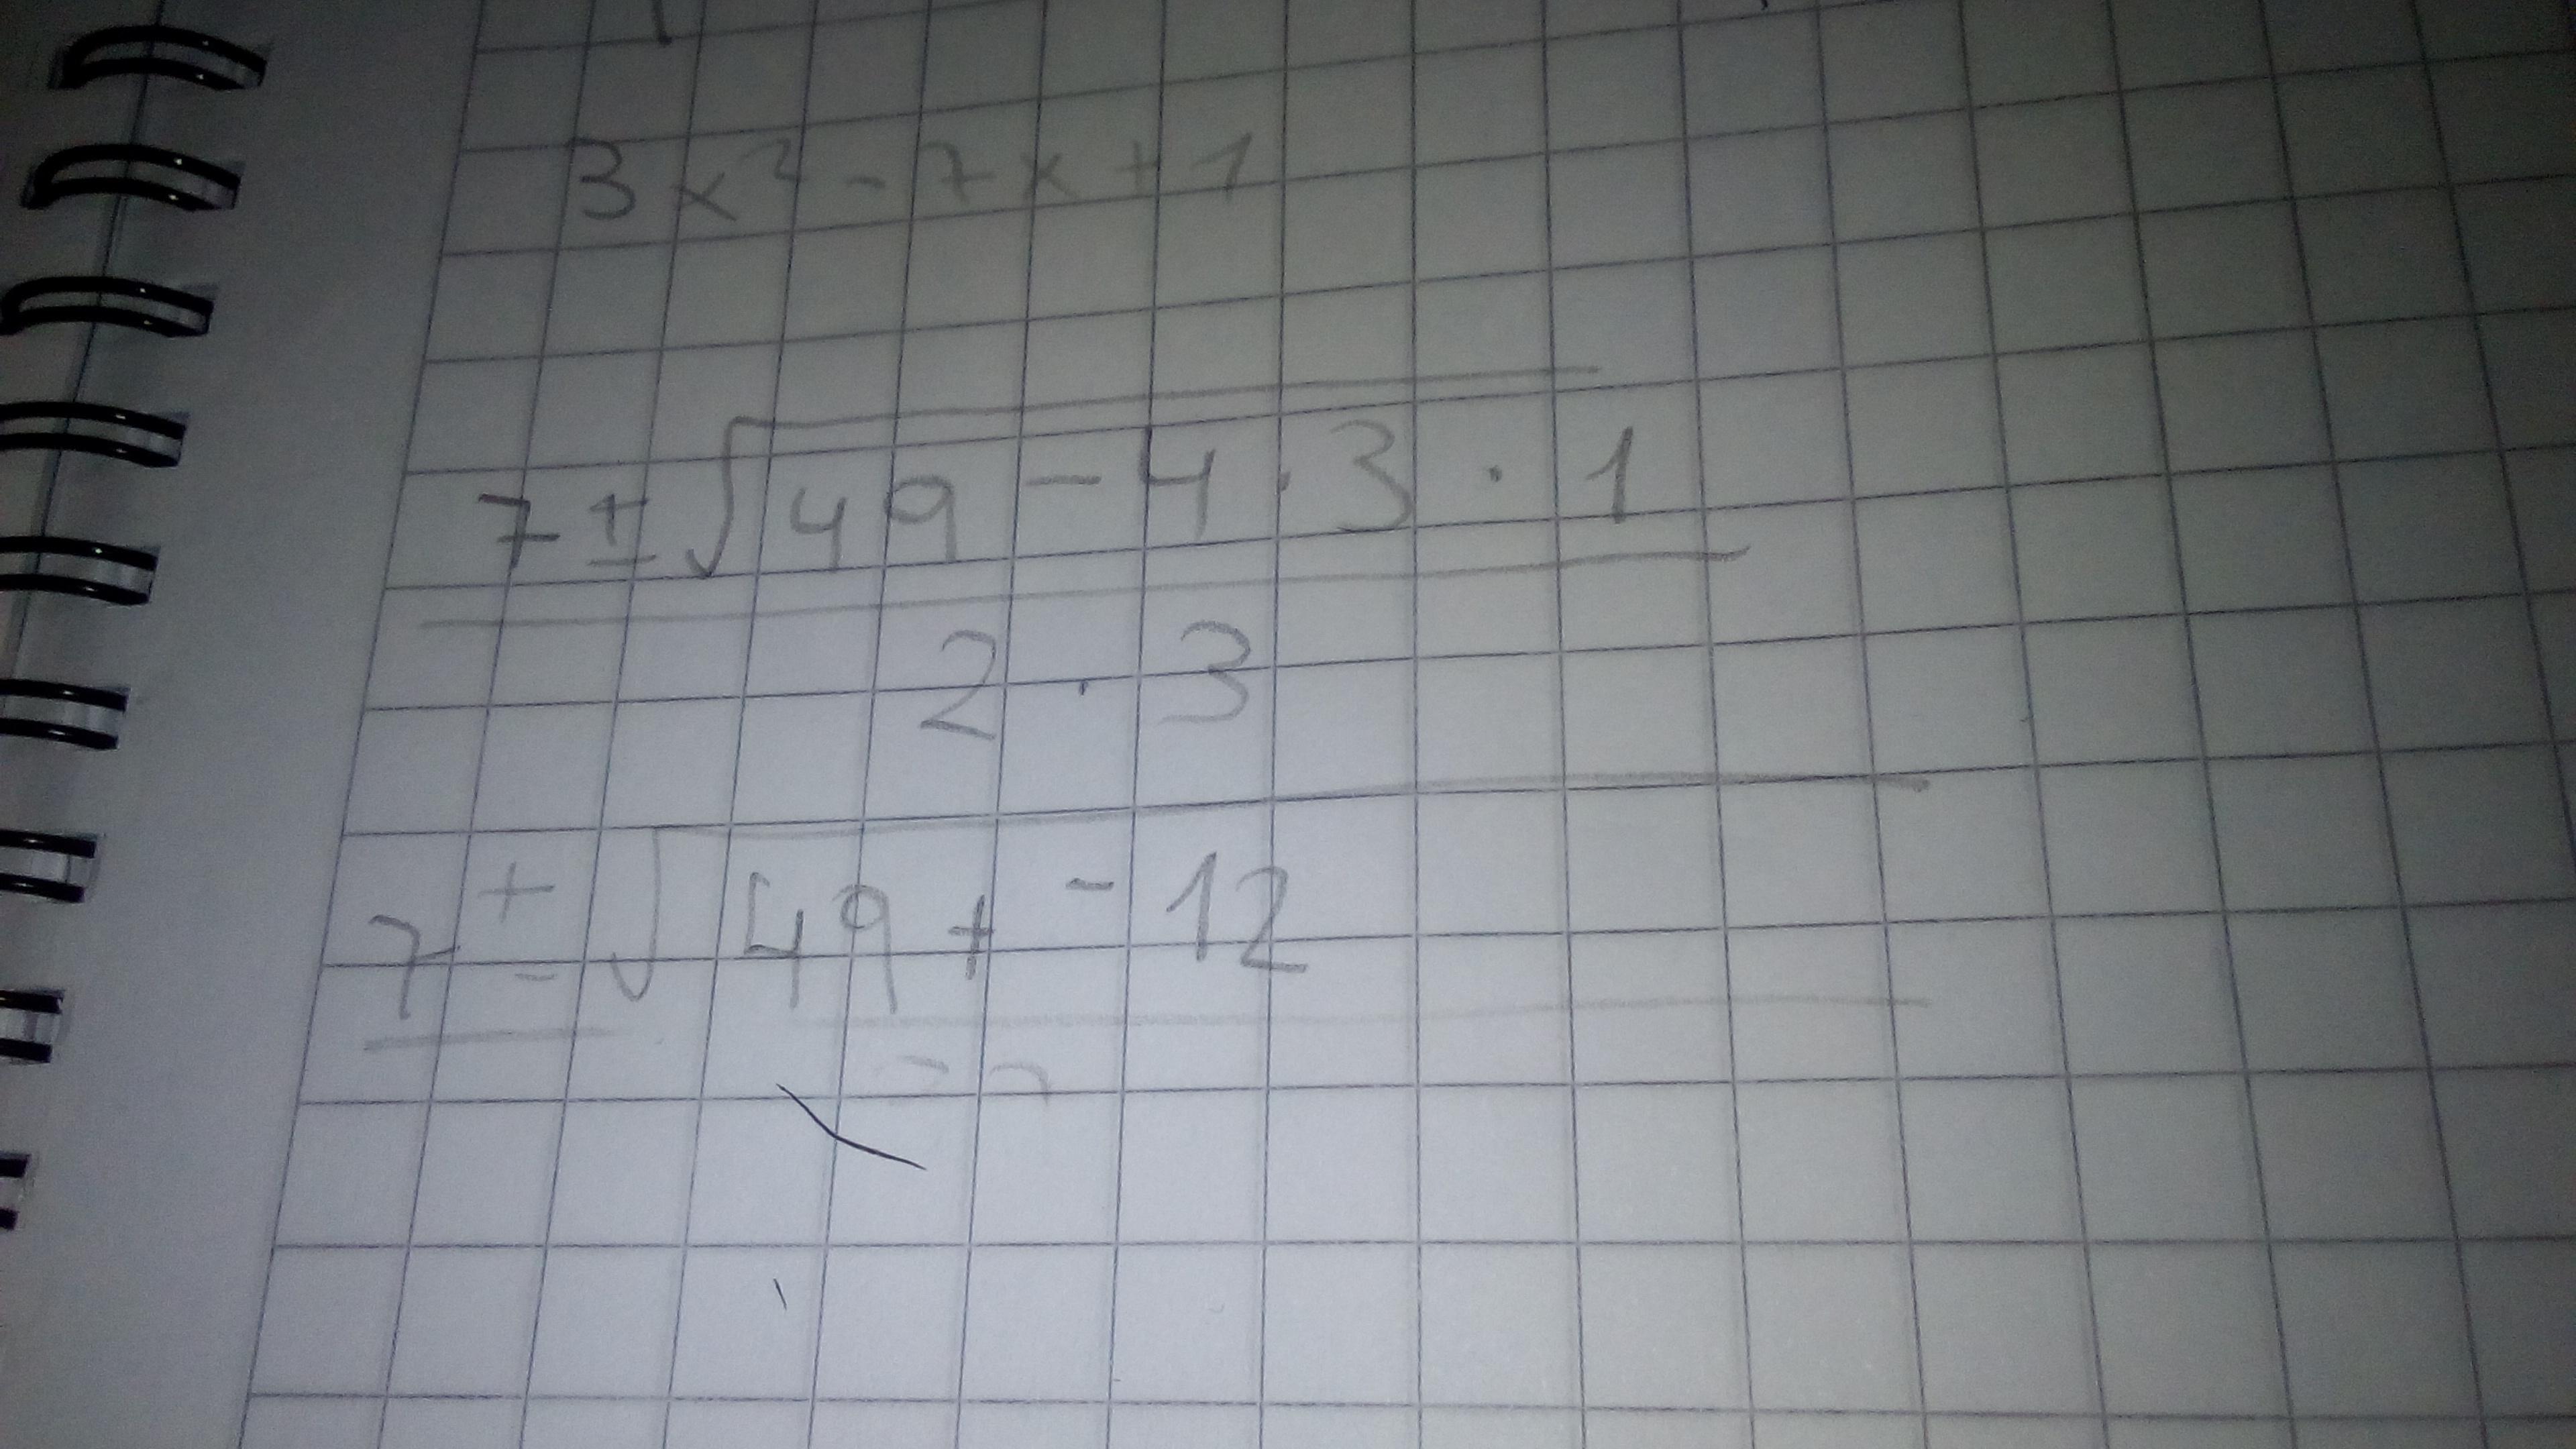 Mi Pregunta Es La Siguiente Yo Multiplique 4x3x1 12 Pero Según La Formula Ya Ay Un Signo Menos Brainly Lat